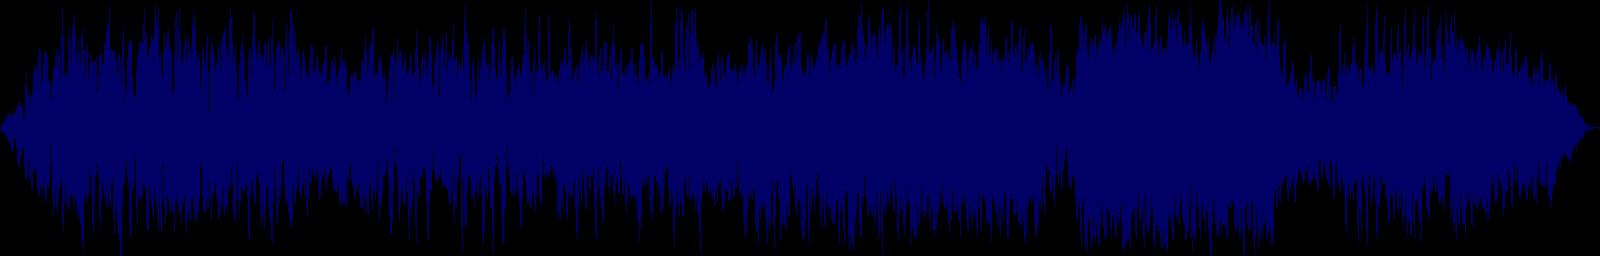 waveform of track #148600